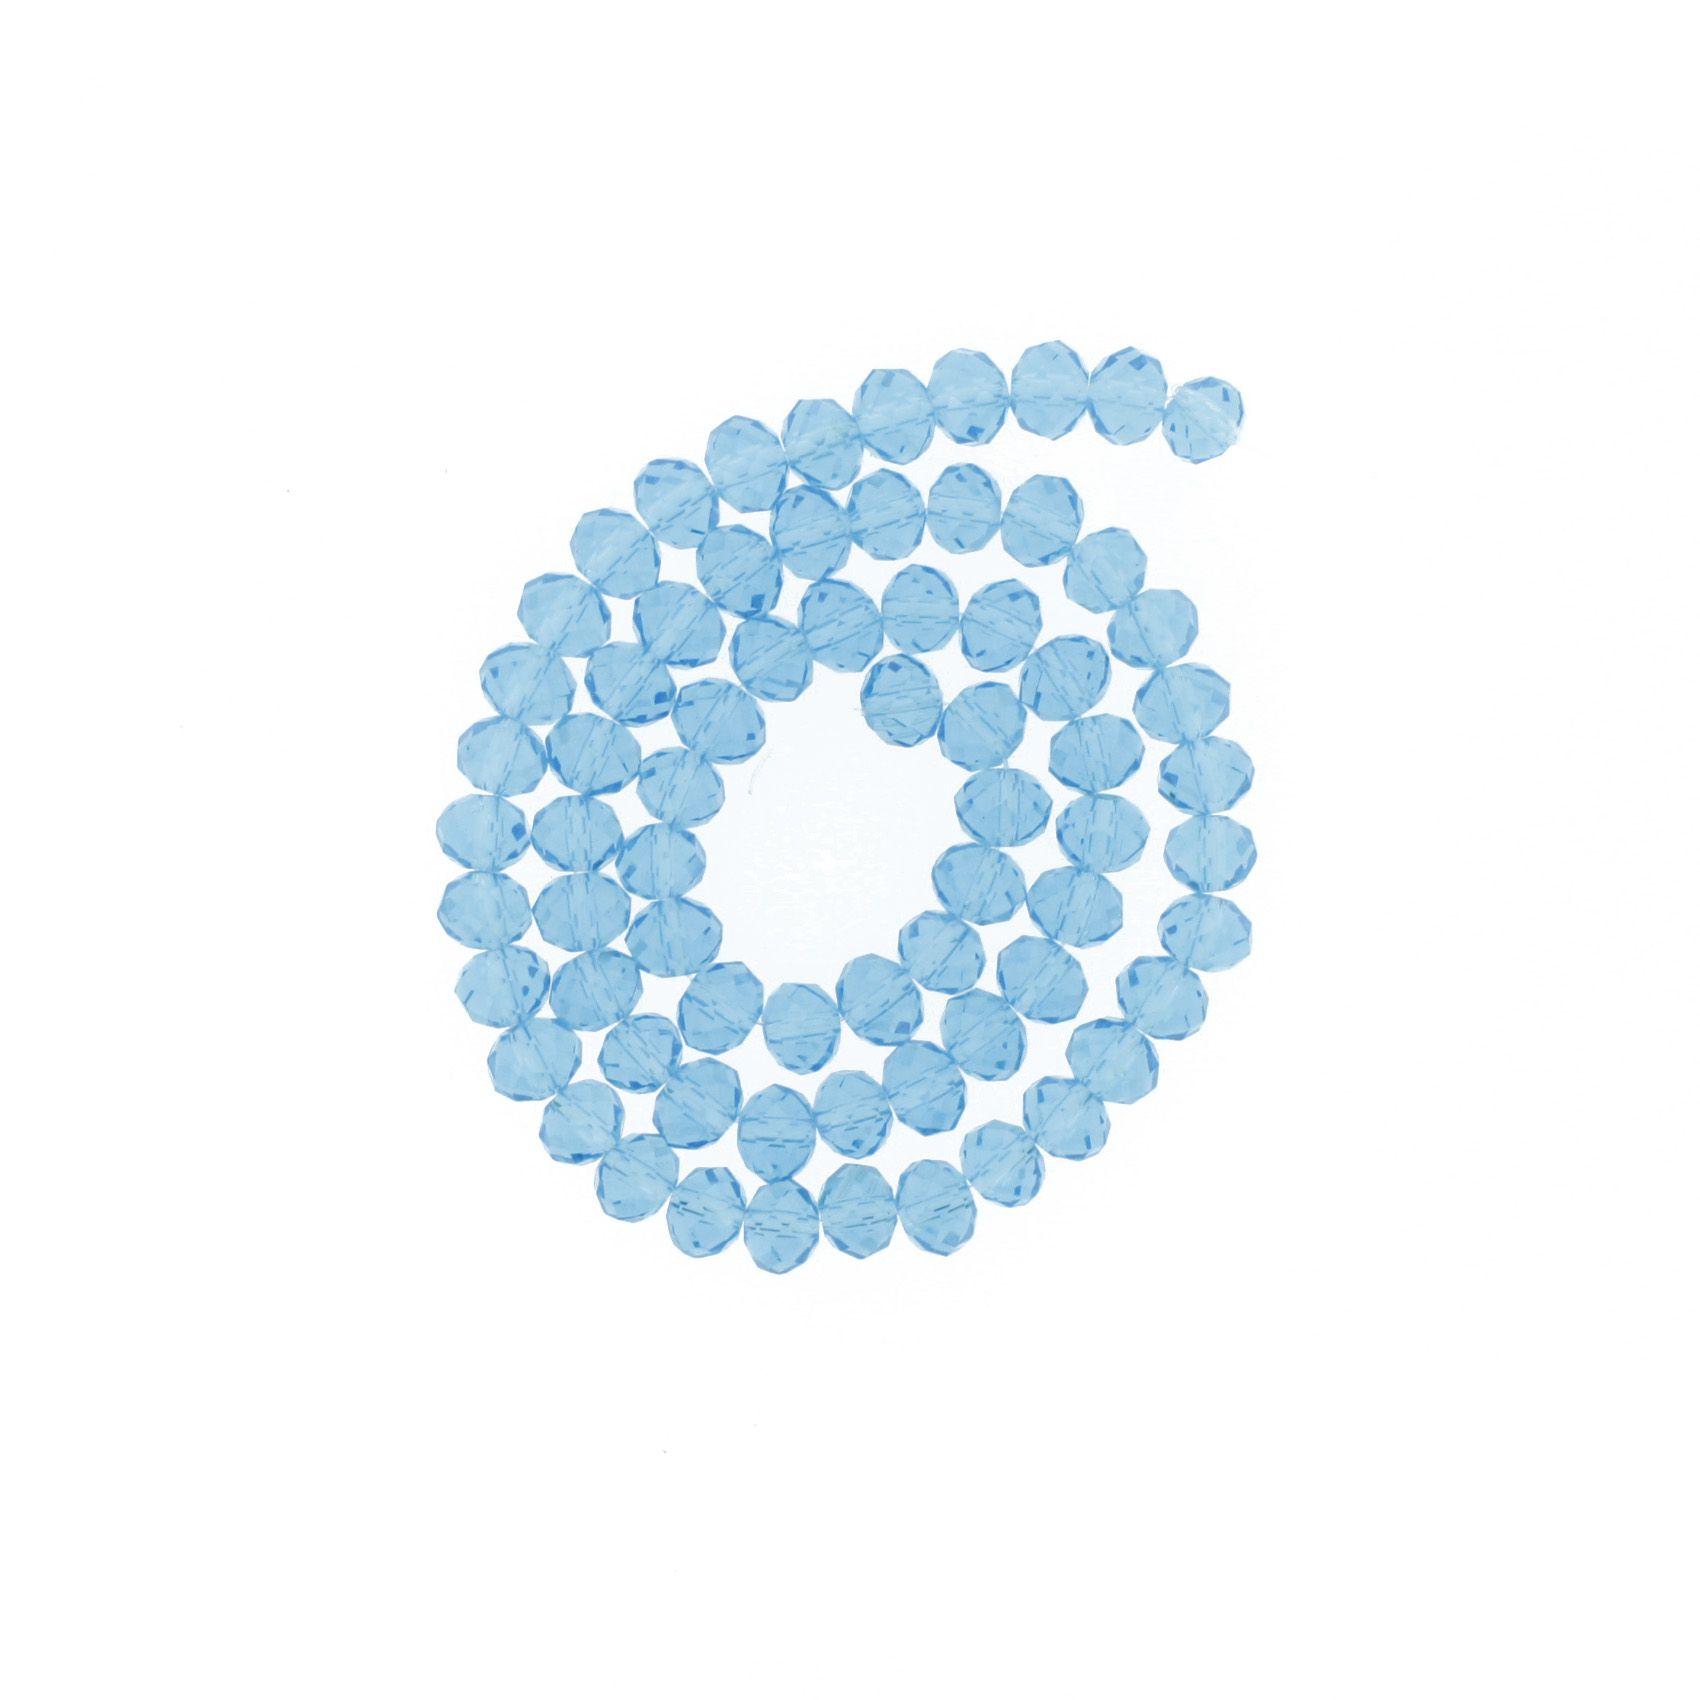 Fio de Cristal - Flat® - Azul Claro Transparente - 8mm  - Stéphanie Bijoux® - Peças para Bijuterias e Artesanato